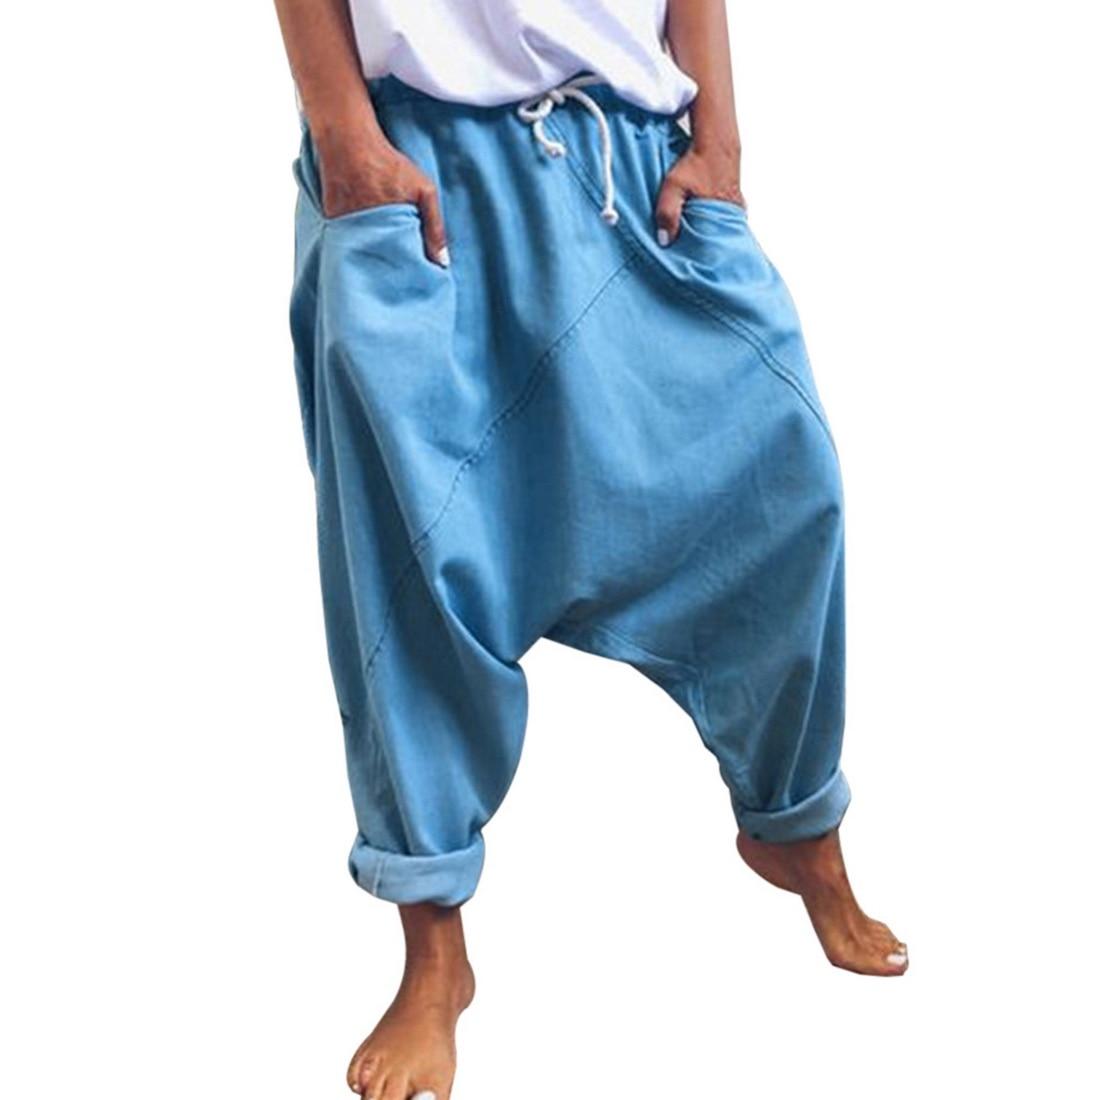 Fashion Harem Pants Women Casual Hip Hop Loose Trousers With Pocket Solid Color Vintage Joggers Wide Leg Pants Women 2020 Capris